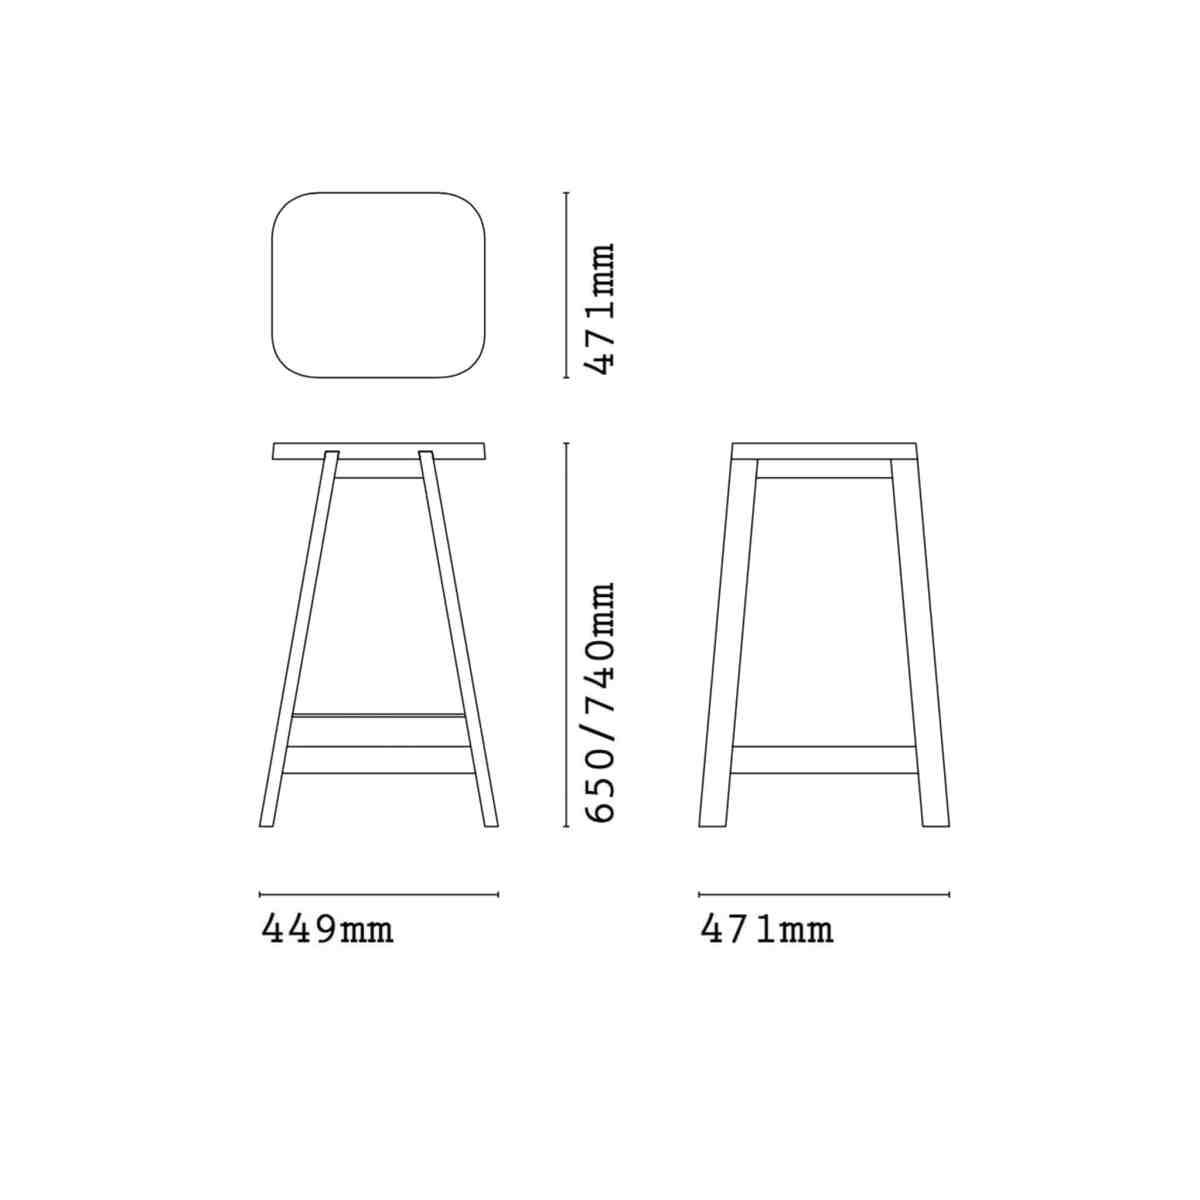 series-three-bar-stool-diagram-another-country_e721a9e5-ca17-4a5b-9fd4-33fb5cd4b2cc.jpg